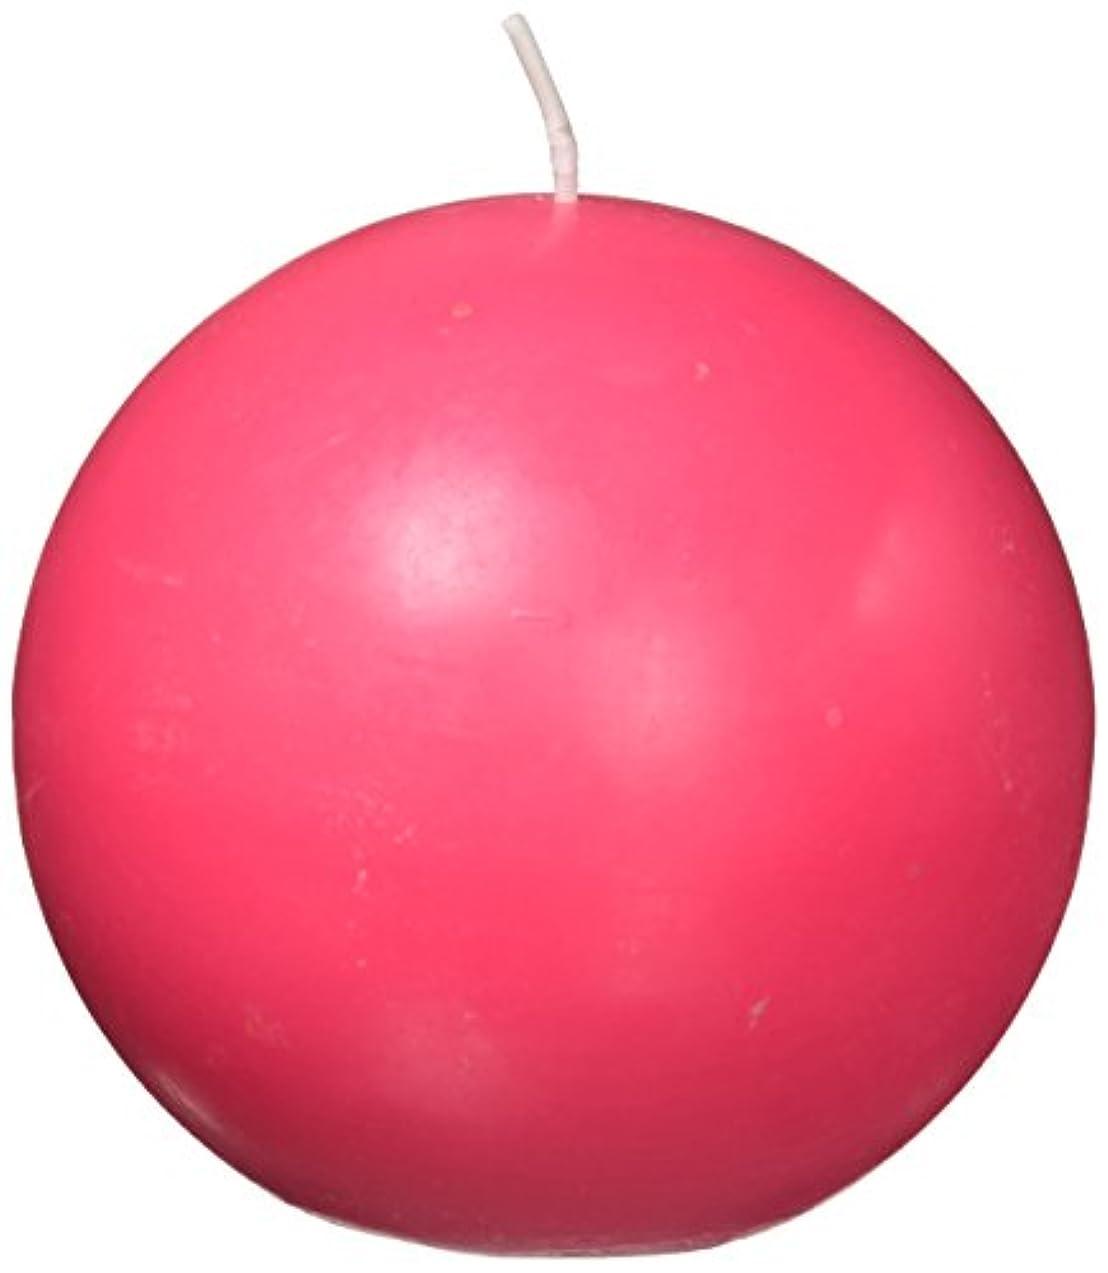 マインドフルリマーク小説家Zest Candle CBZ-027 4 in. Hot Pink Ball Candles -2pc-Box